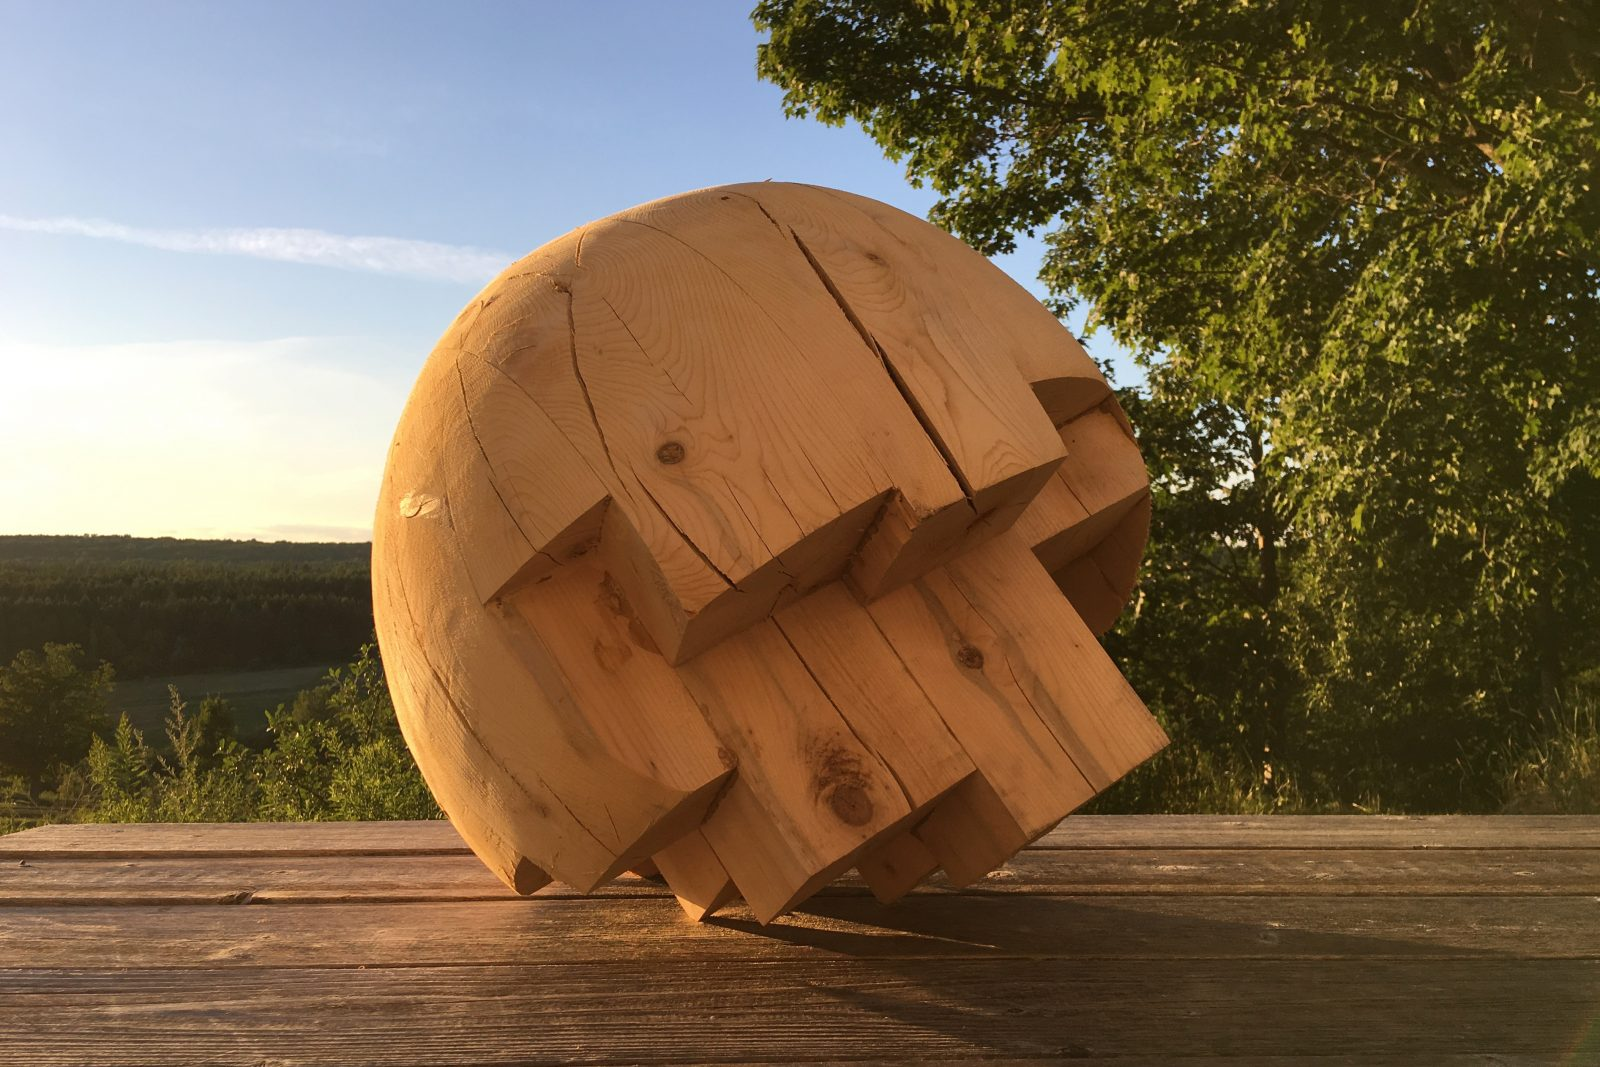 Les œuvres d'art public de François Mathieu mises en évidence